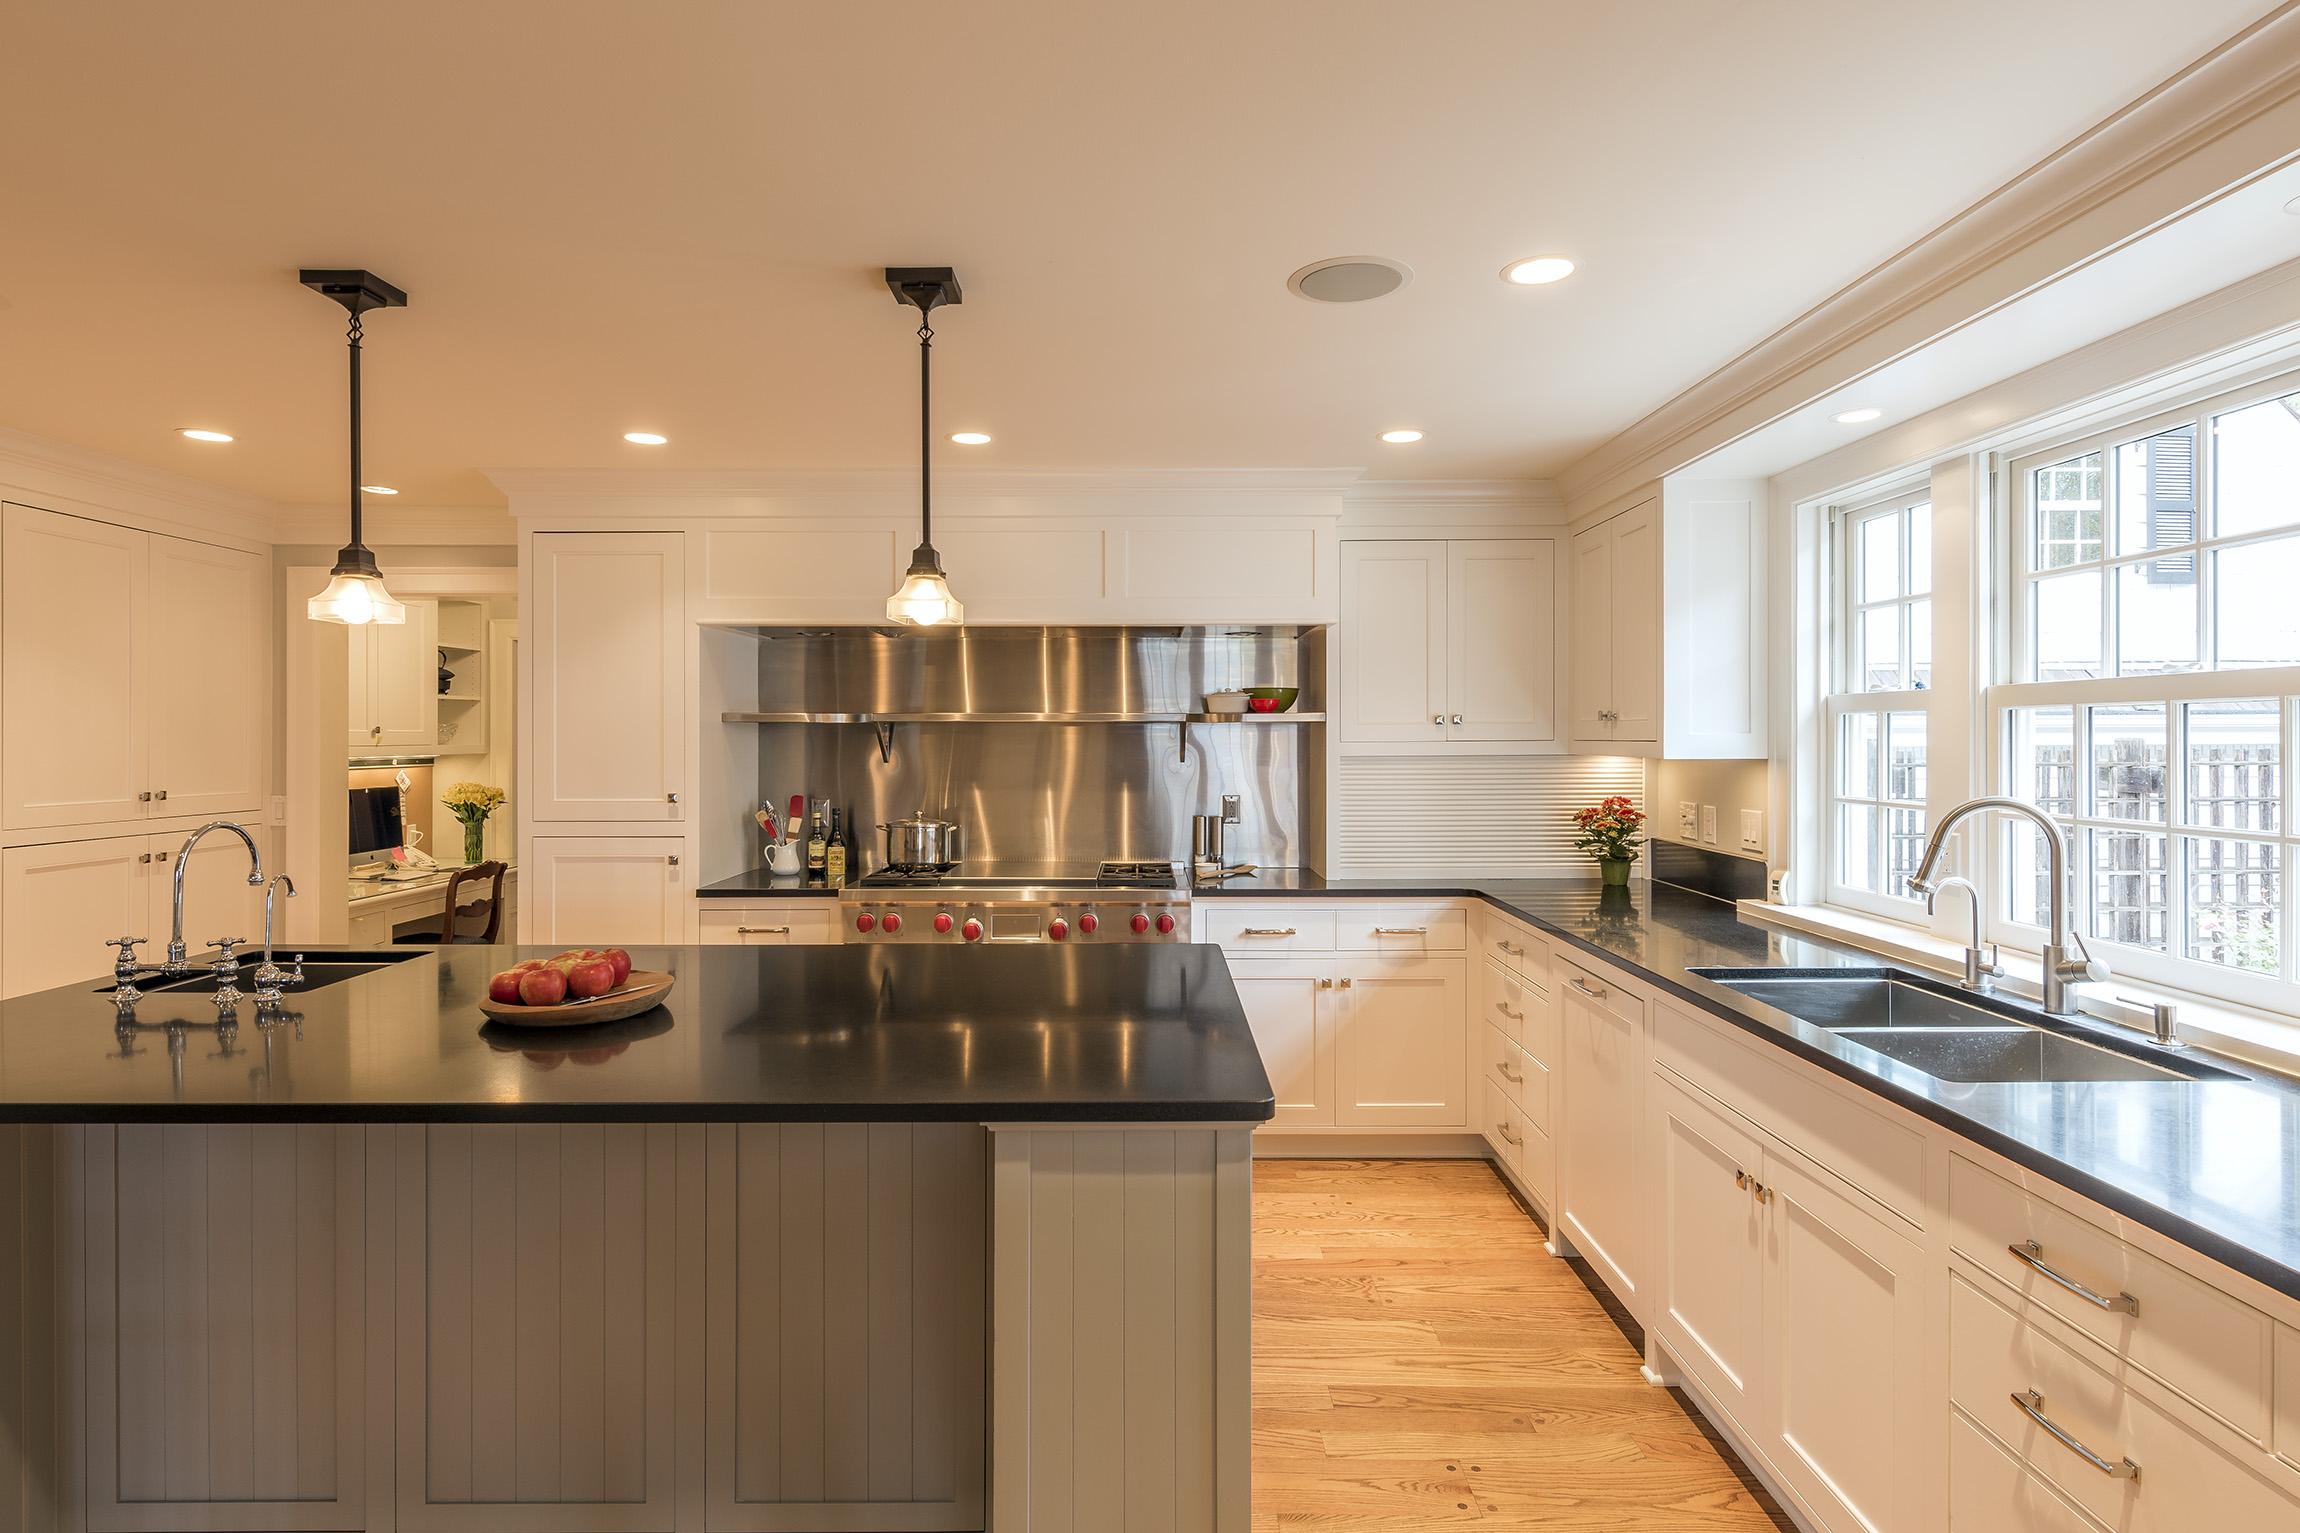 LLake-Kitchen-01-Large.jpg